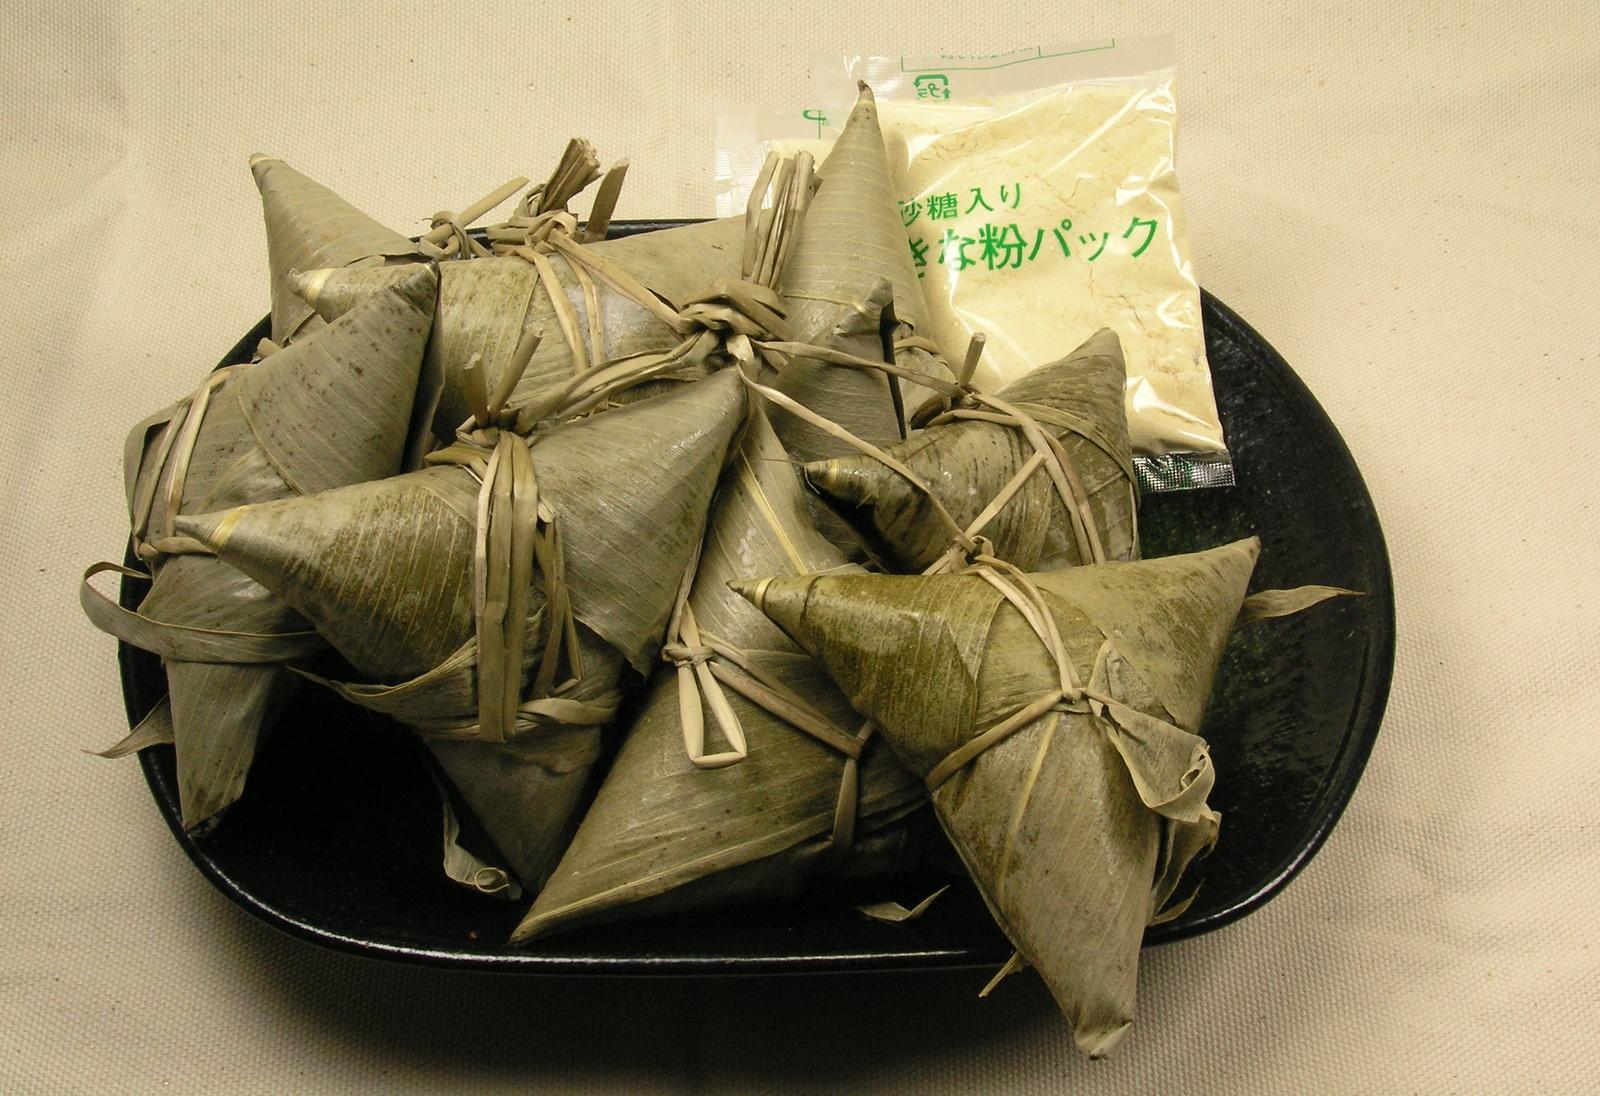 生笹使用 きな粉付ちまき 10個入 【新潟 お土産 和菓子】